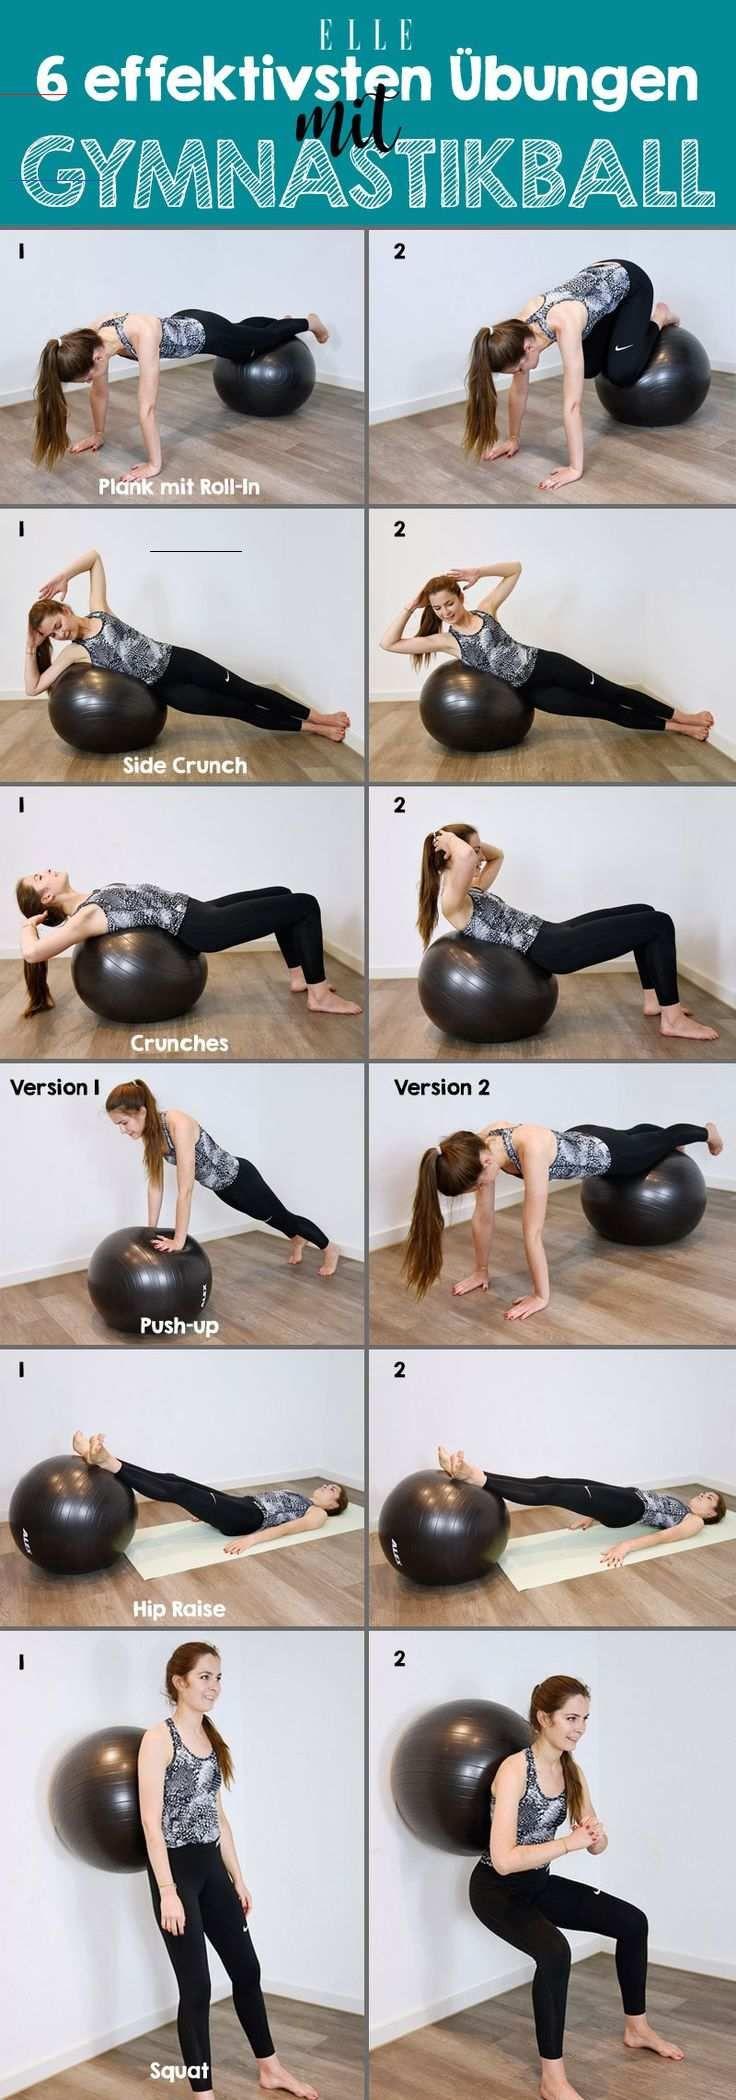 Das Workout mit einem Gymnastikball schult Koordination, Gleichgewicht und sorgt für eine gute Haltu...